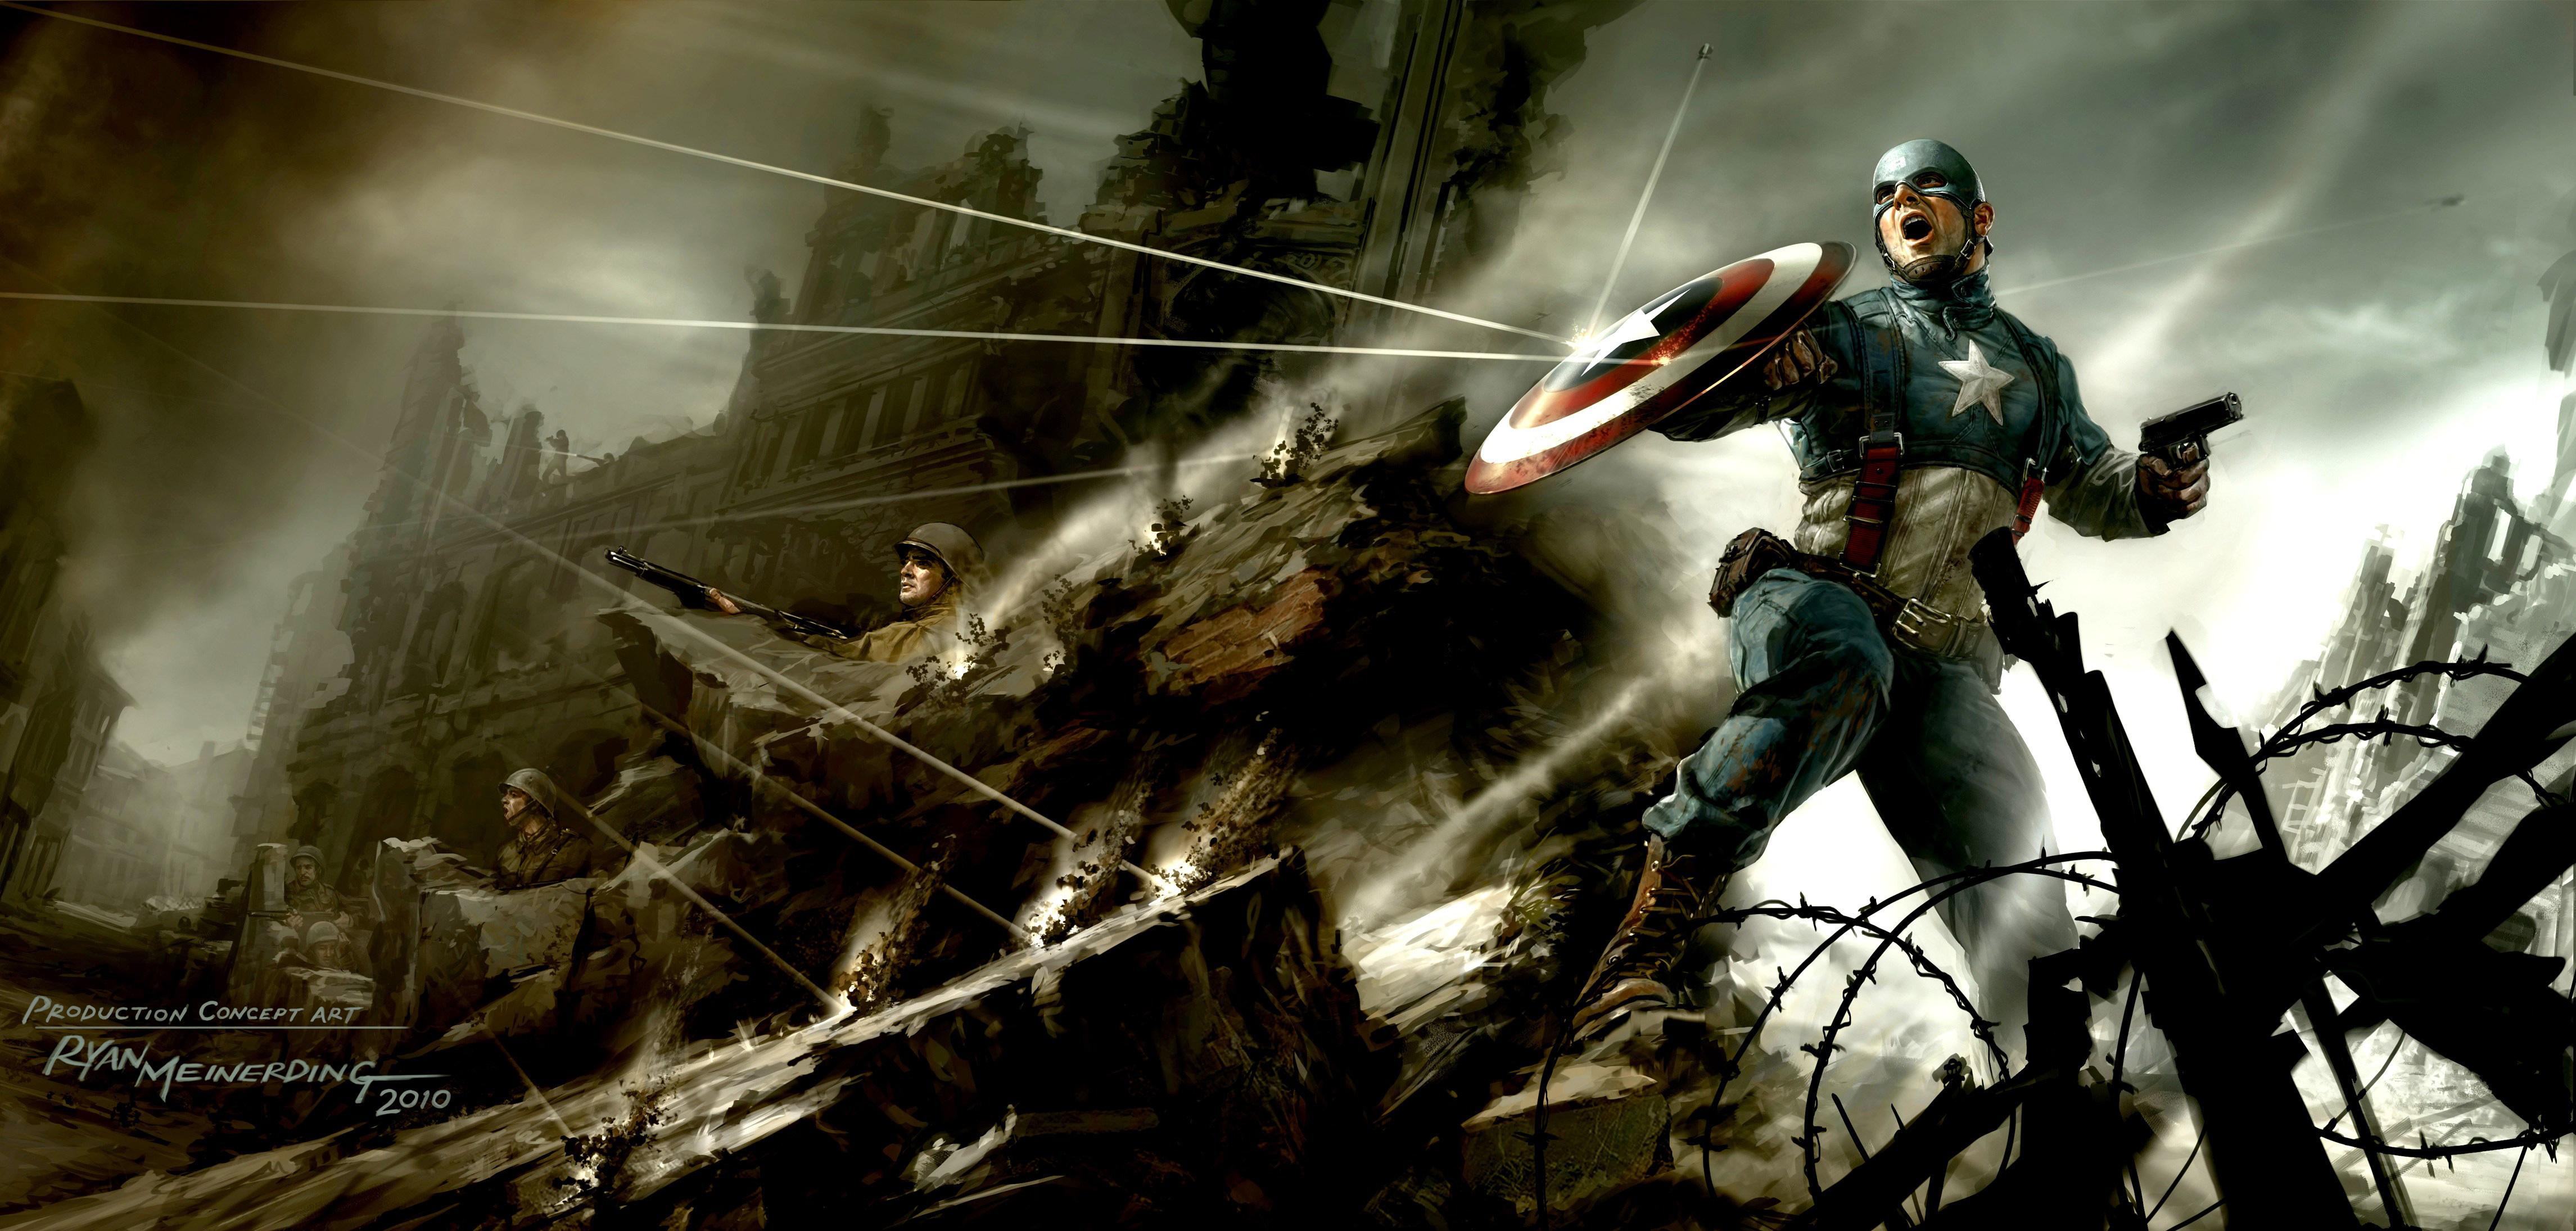 Captain America The First Avenger Artwork Hd Superheroes 4k